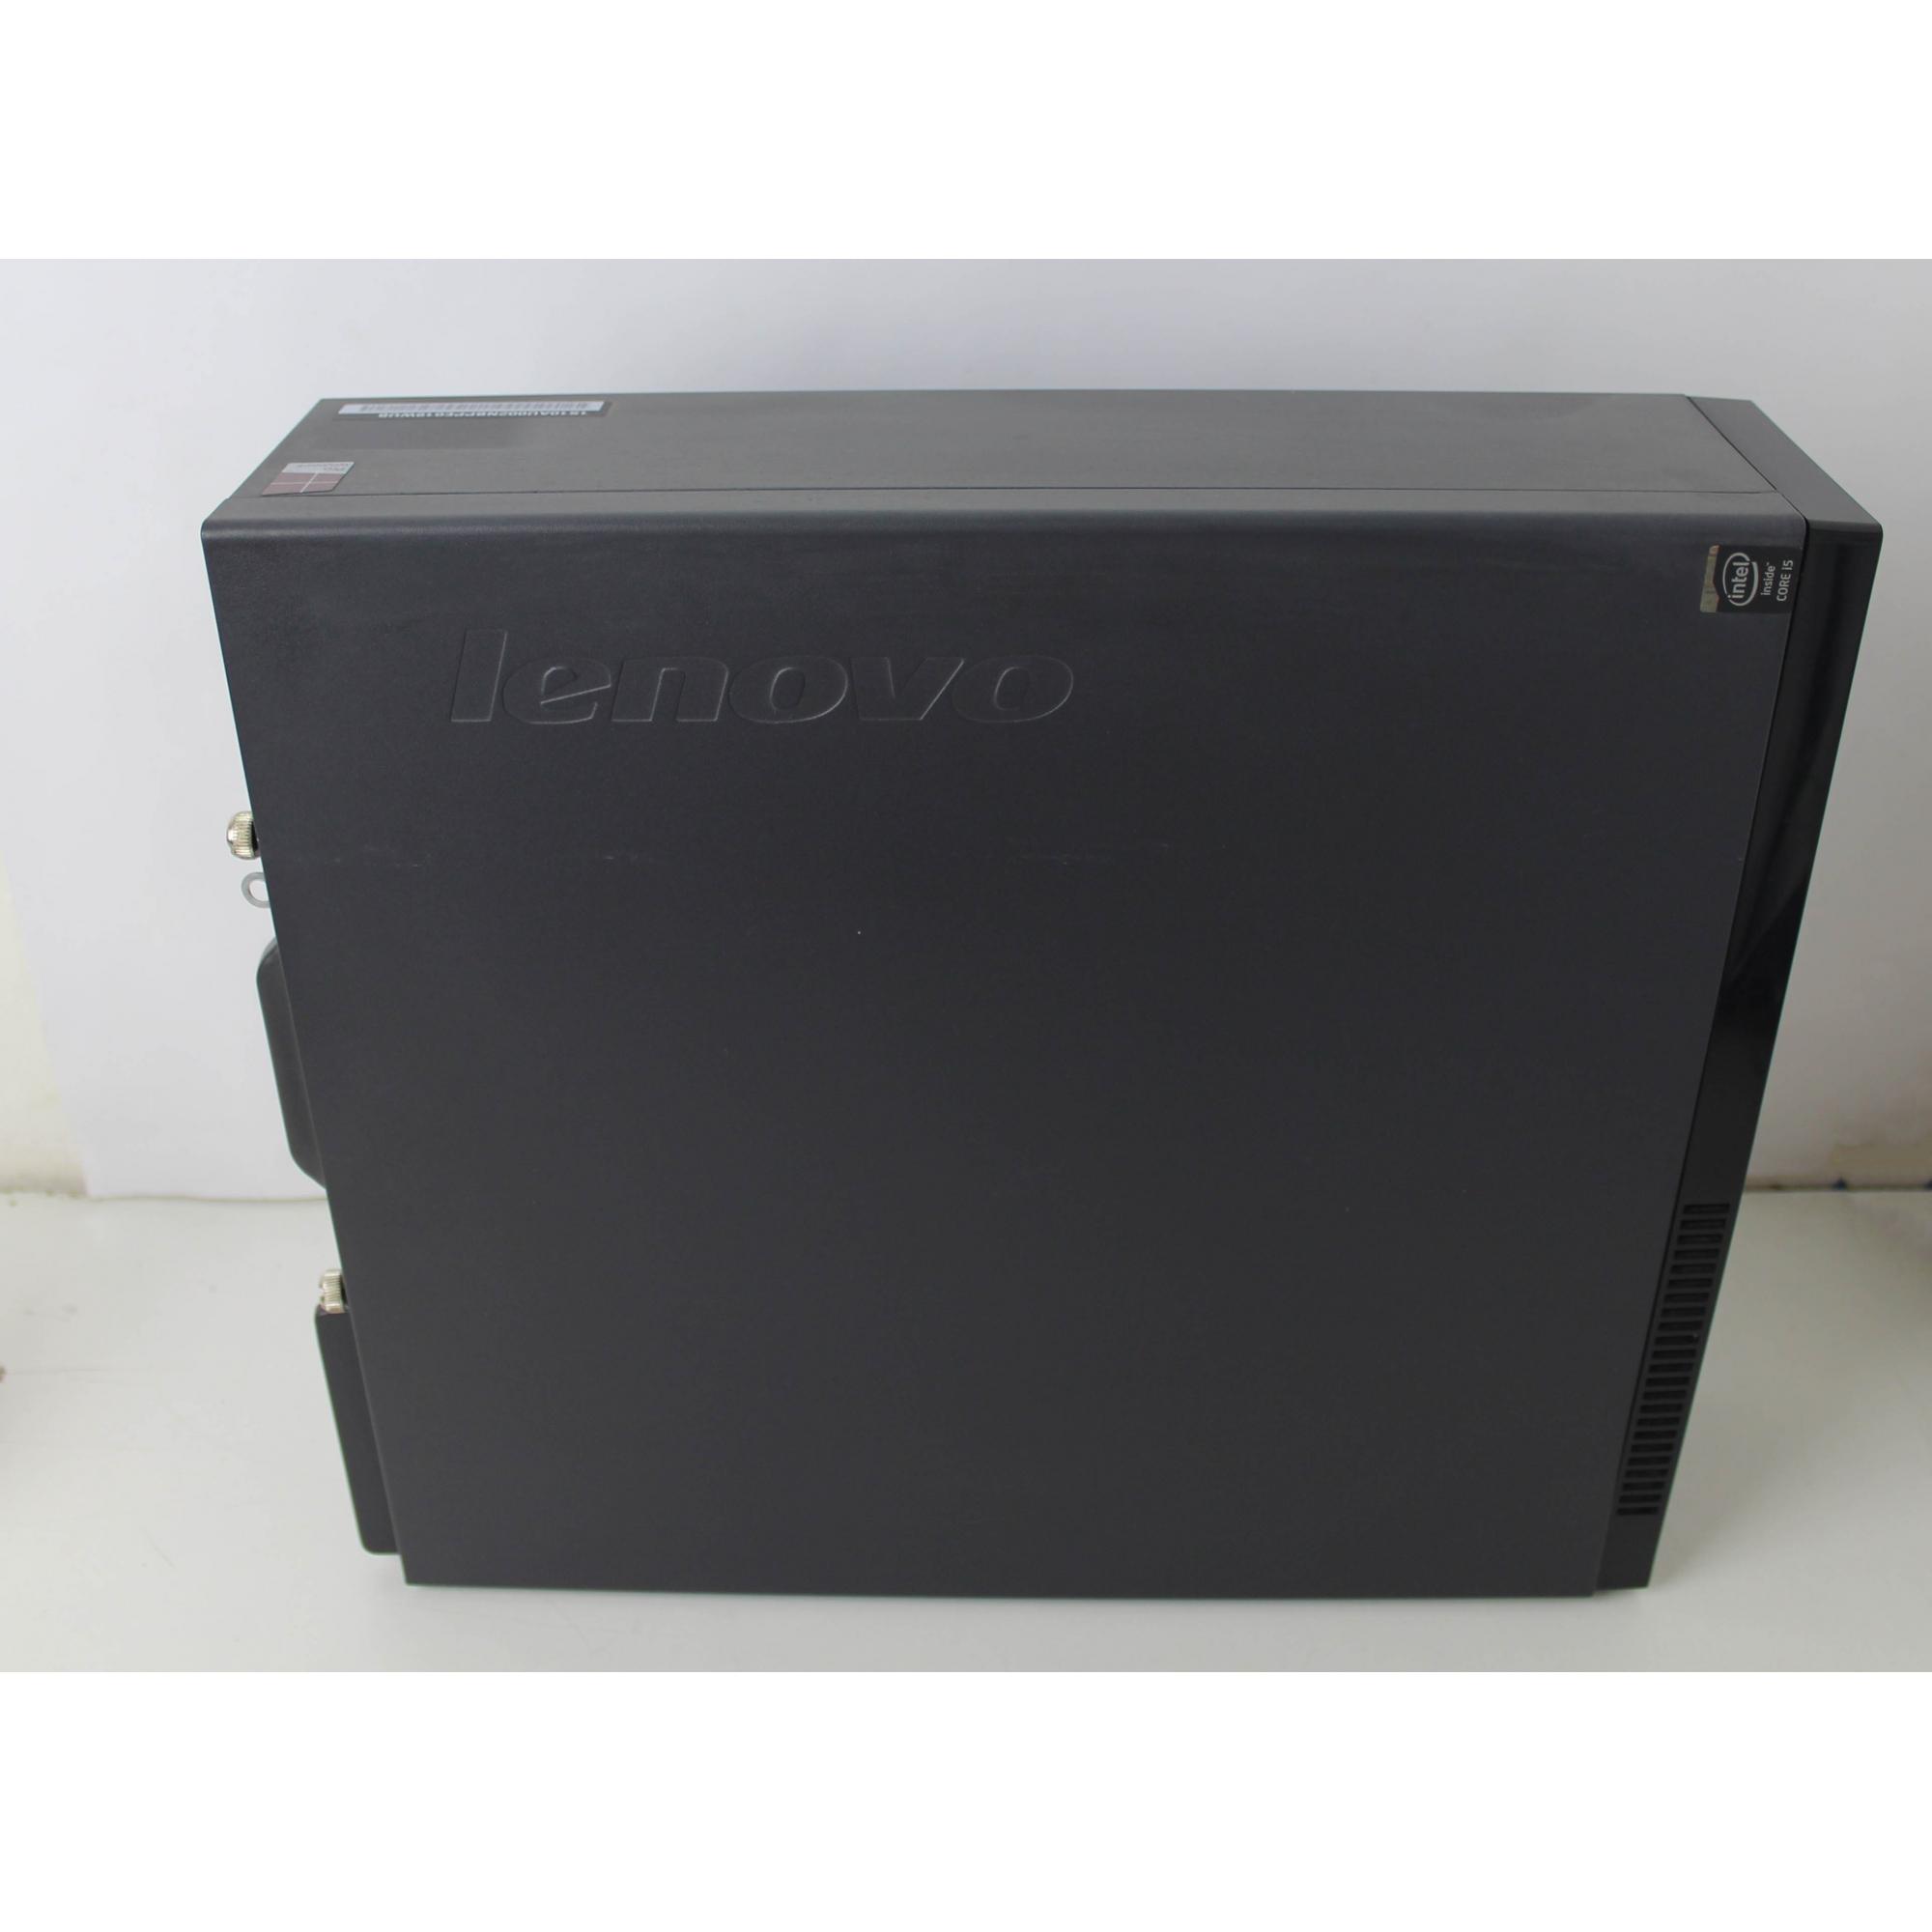 CPU LENOVO THINKCENTRE E73 INTEL CORE I5 2.7GHZ 4GB HD-500GB